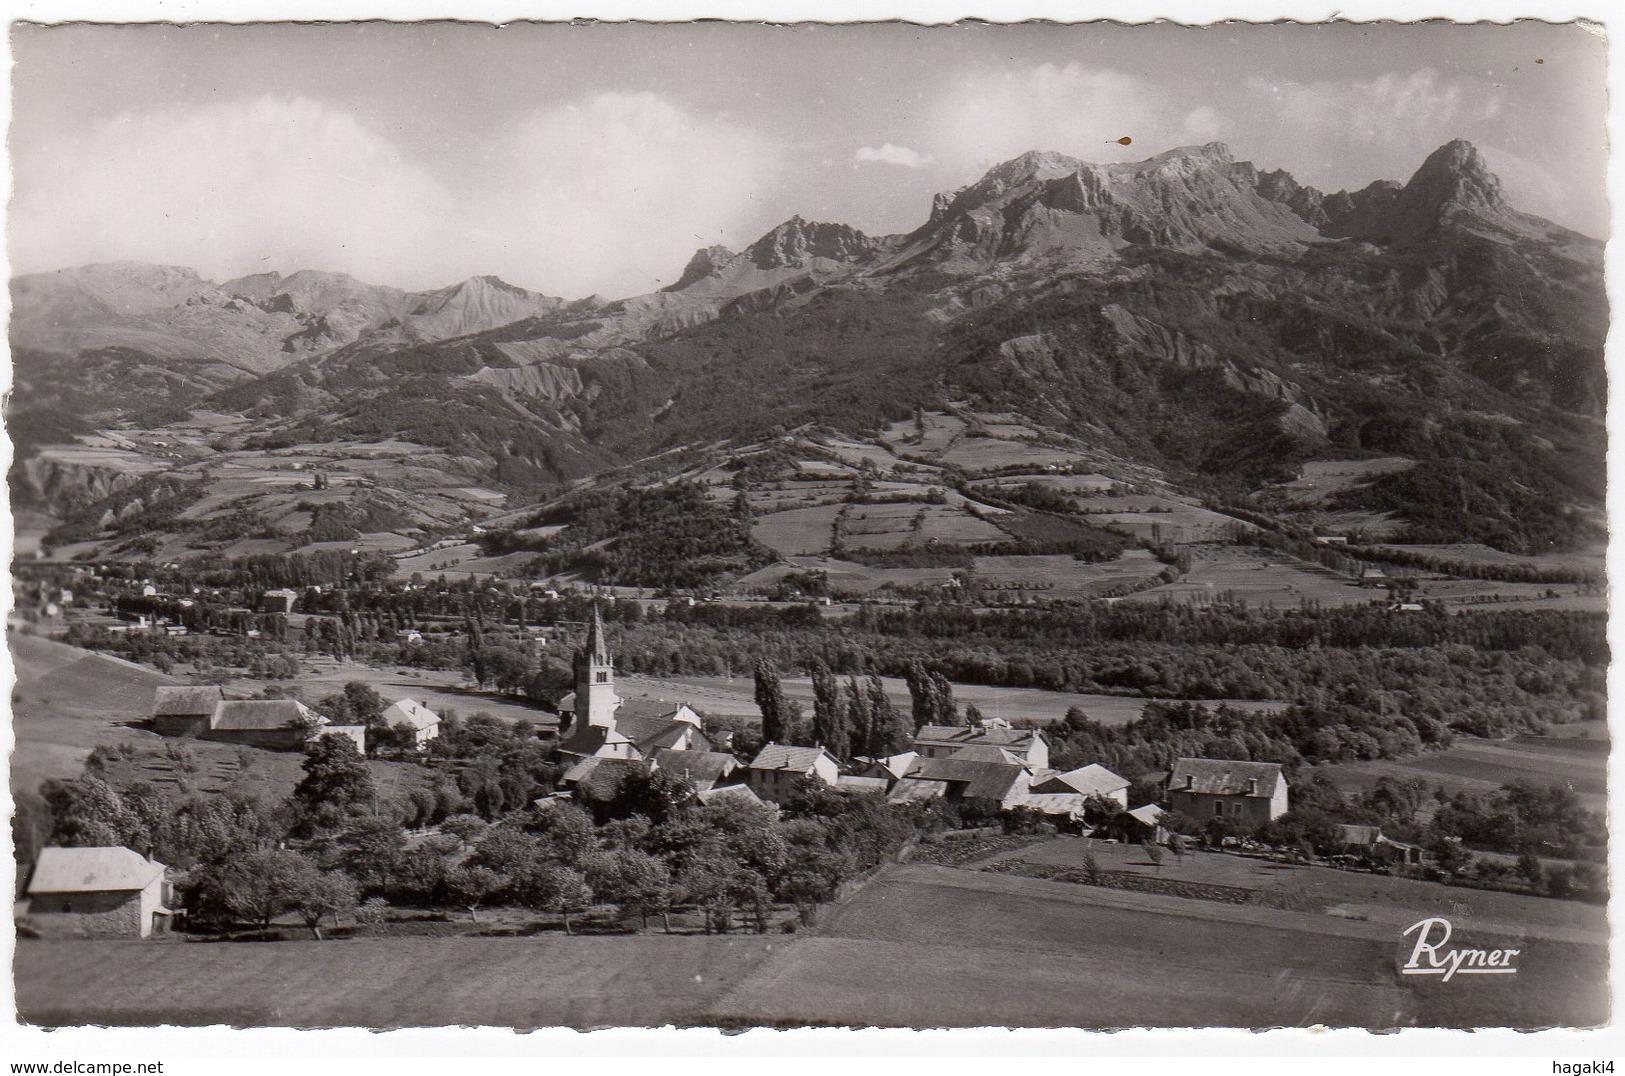 CPSM 04 : 2540 - Environs De BARCELONNETTE - Le Village De SAINT-PONS - Ed. Ryner à Marseille - Autres Communes